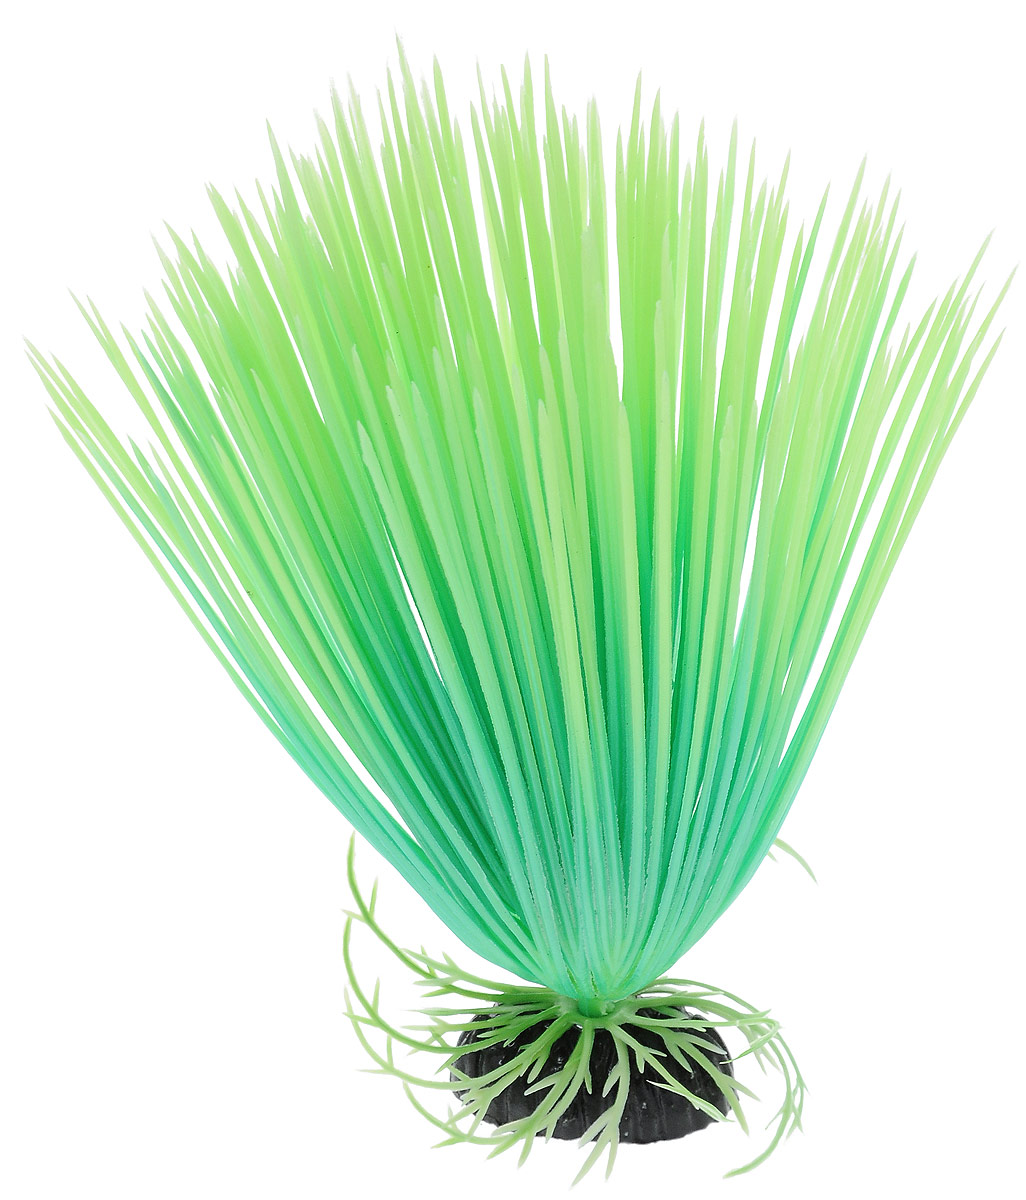 Растение для аквариума Barbus Акорус, пластиковое, светящееся, высота 20 см0120710Растение Barbus Акорус выполнено из высококачественного нетоксичного пластика. Оно светится в темноте и станет оригинальным и необычным украшением вашего аквариума. Изделие не требует дополнительного ухода Оно абсолютно безопасно, нейтрально к водному балансу, устойчиво к истиранию краски, подходит как для пресноводного, так и для морского аквариума. Растение для аквариума Barbus поможет вам смоделировать потрясающий пейзаж на дне вашего аквариума или террариума.Высота растения: 20 см.